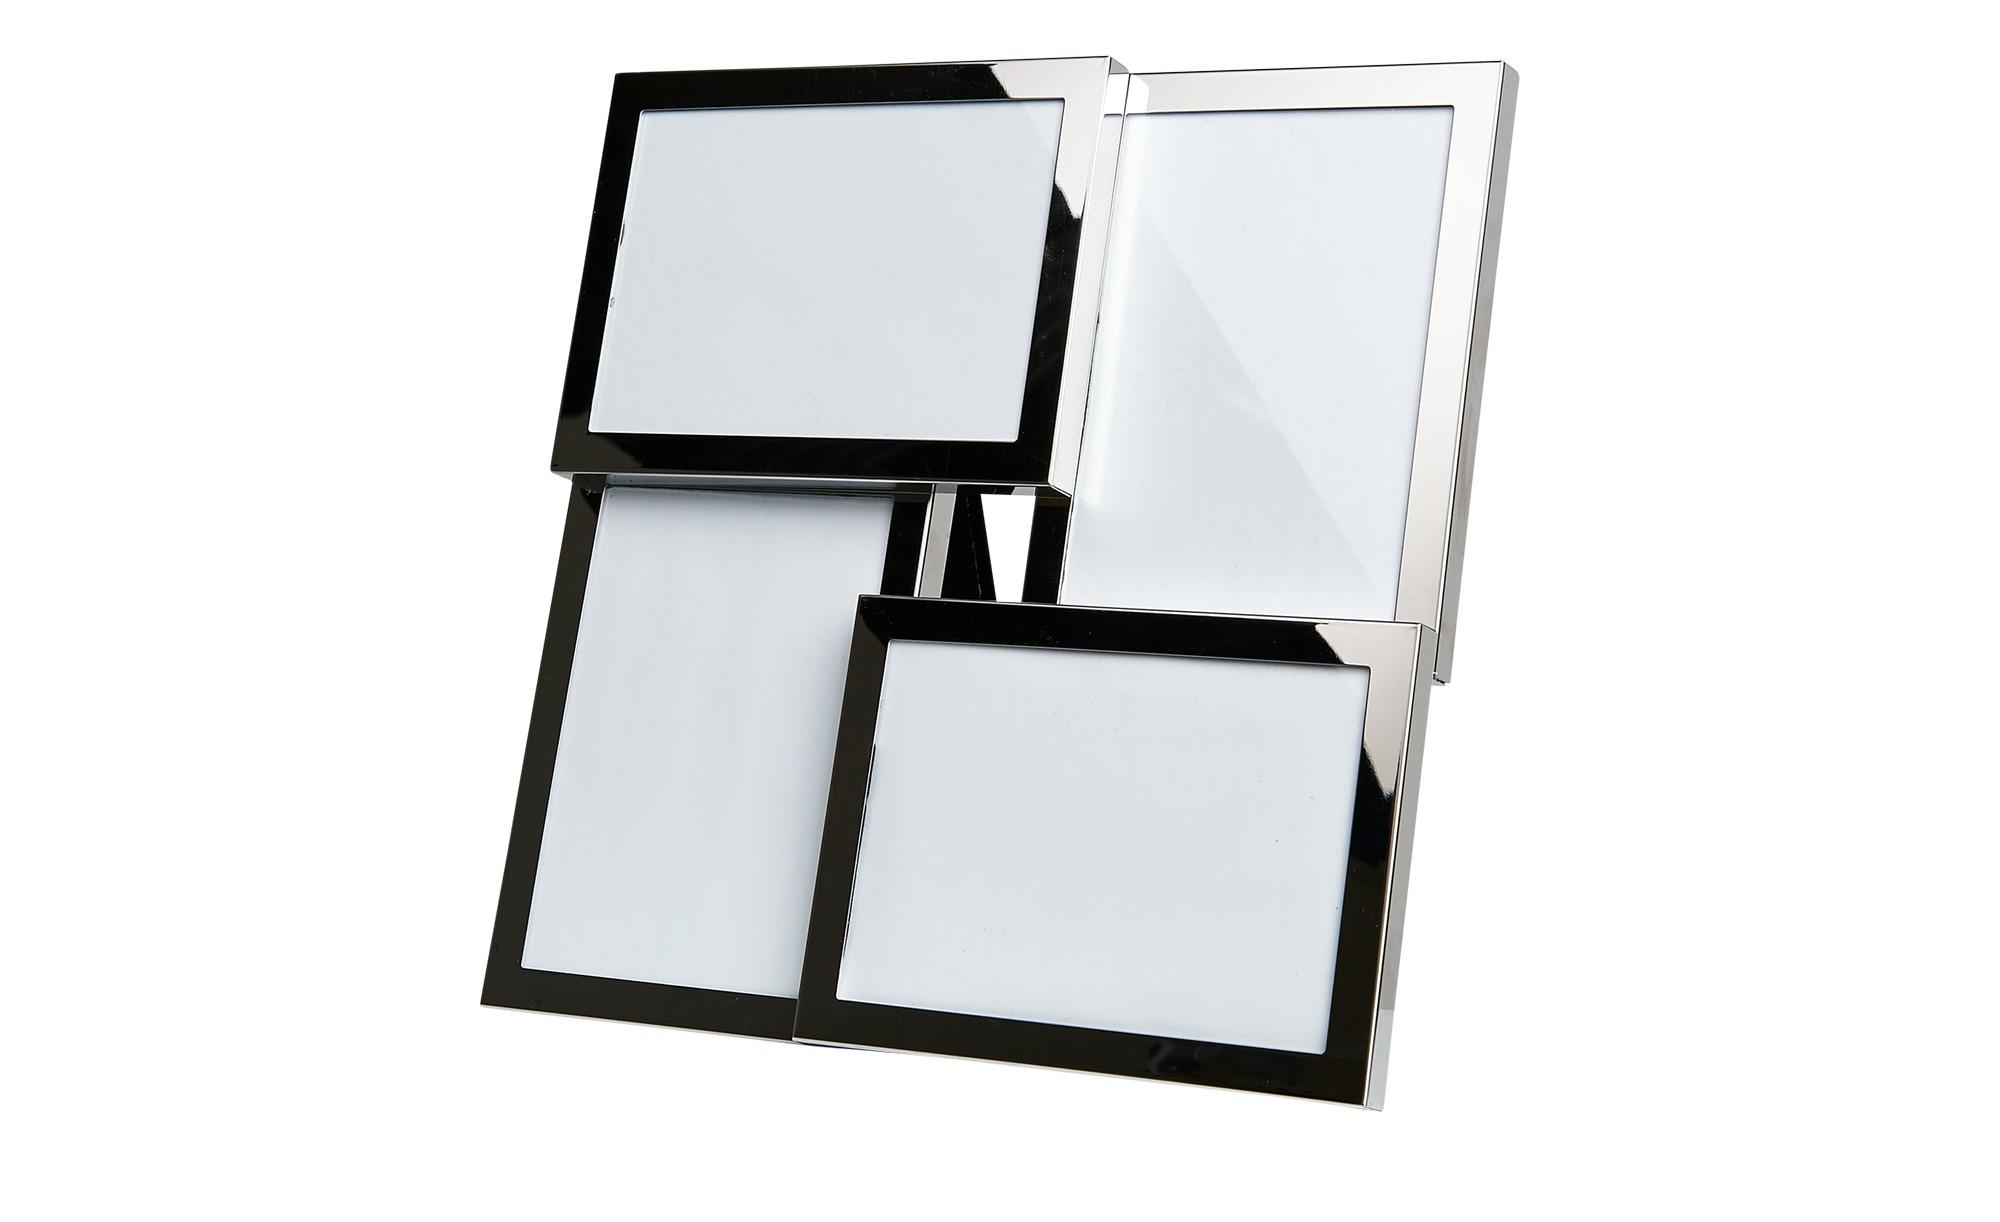 Tisch-Bilderrahmen Collage - silber - Metall - 27 cm - 27 cm - Dekoration > Bilderrahmen - Möbel Kraft | Dekoration > Bilder und Rahmen > Rahmen | Sconto